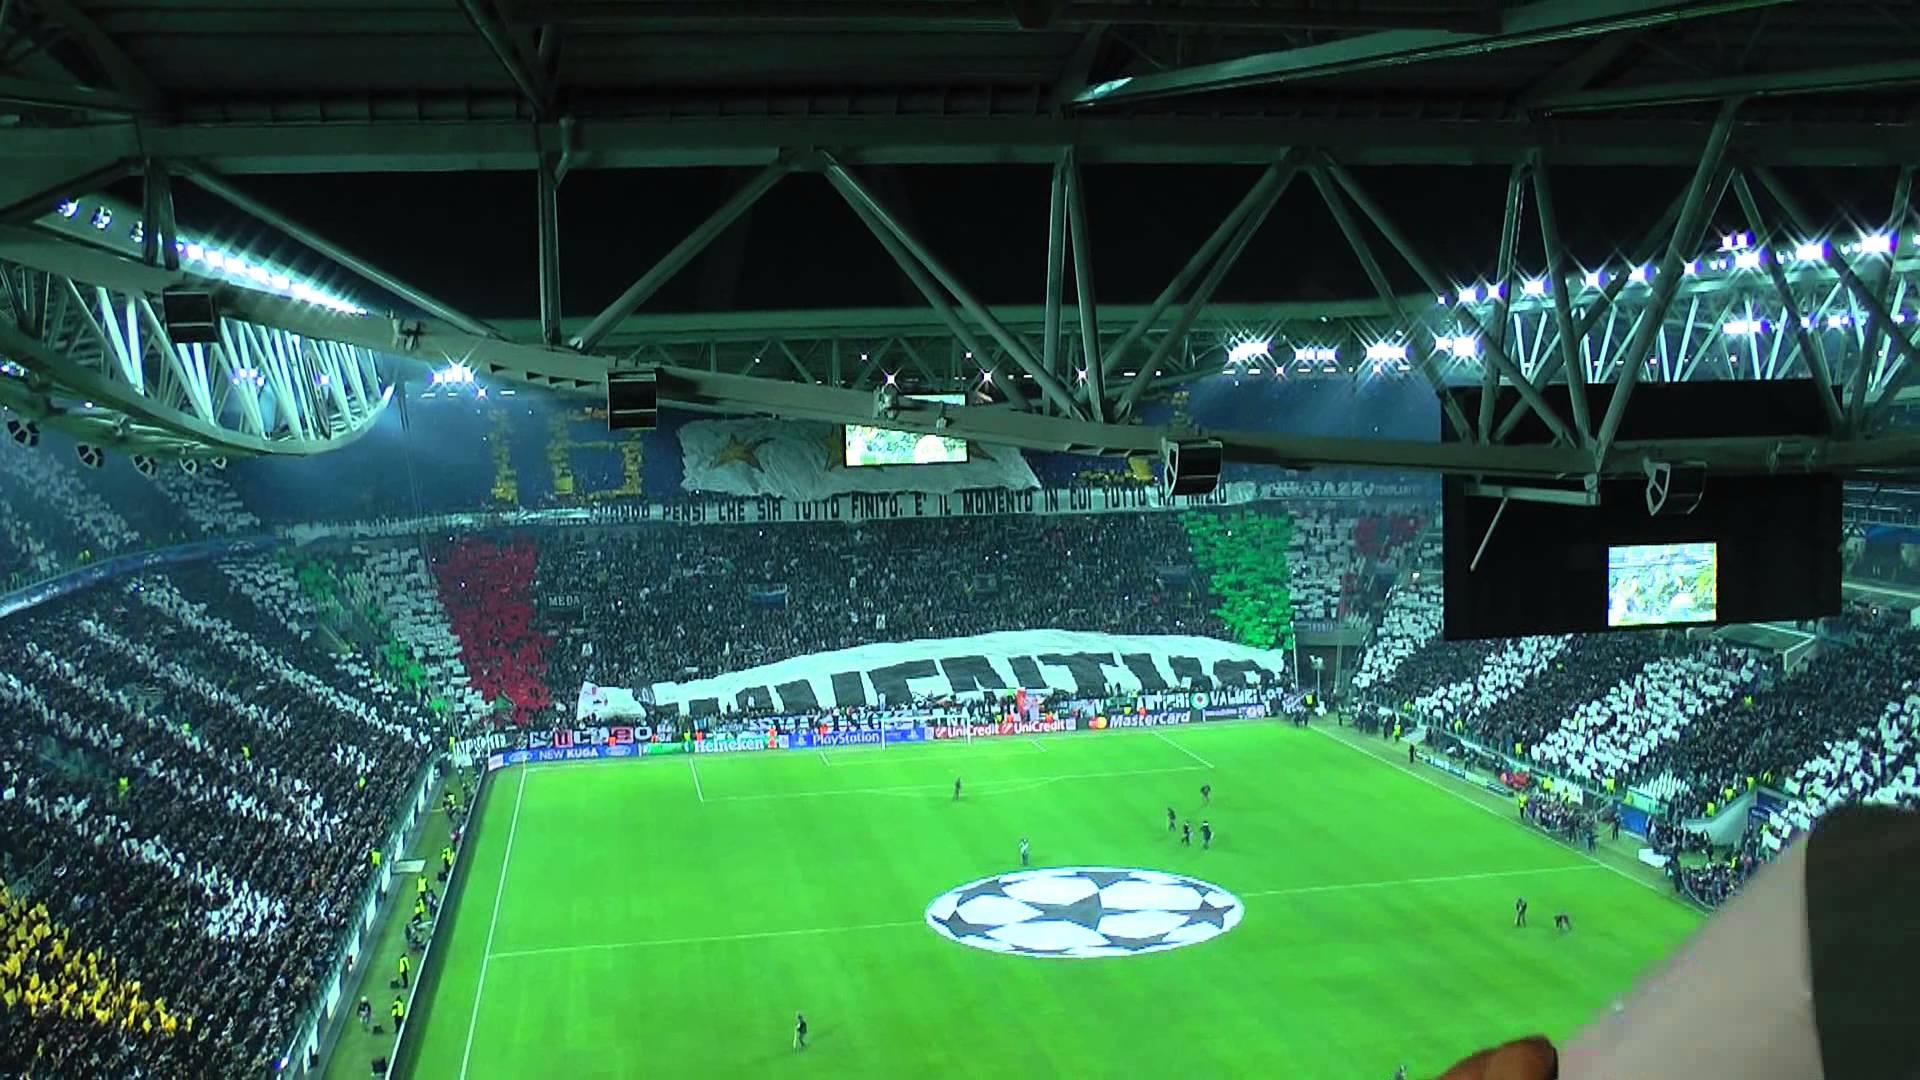 Stasera, allo Juventus Stadium, la semifinale d'andata di Champions League tra i bianconeri e il Real Madrid